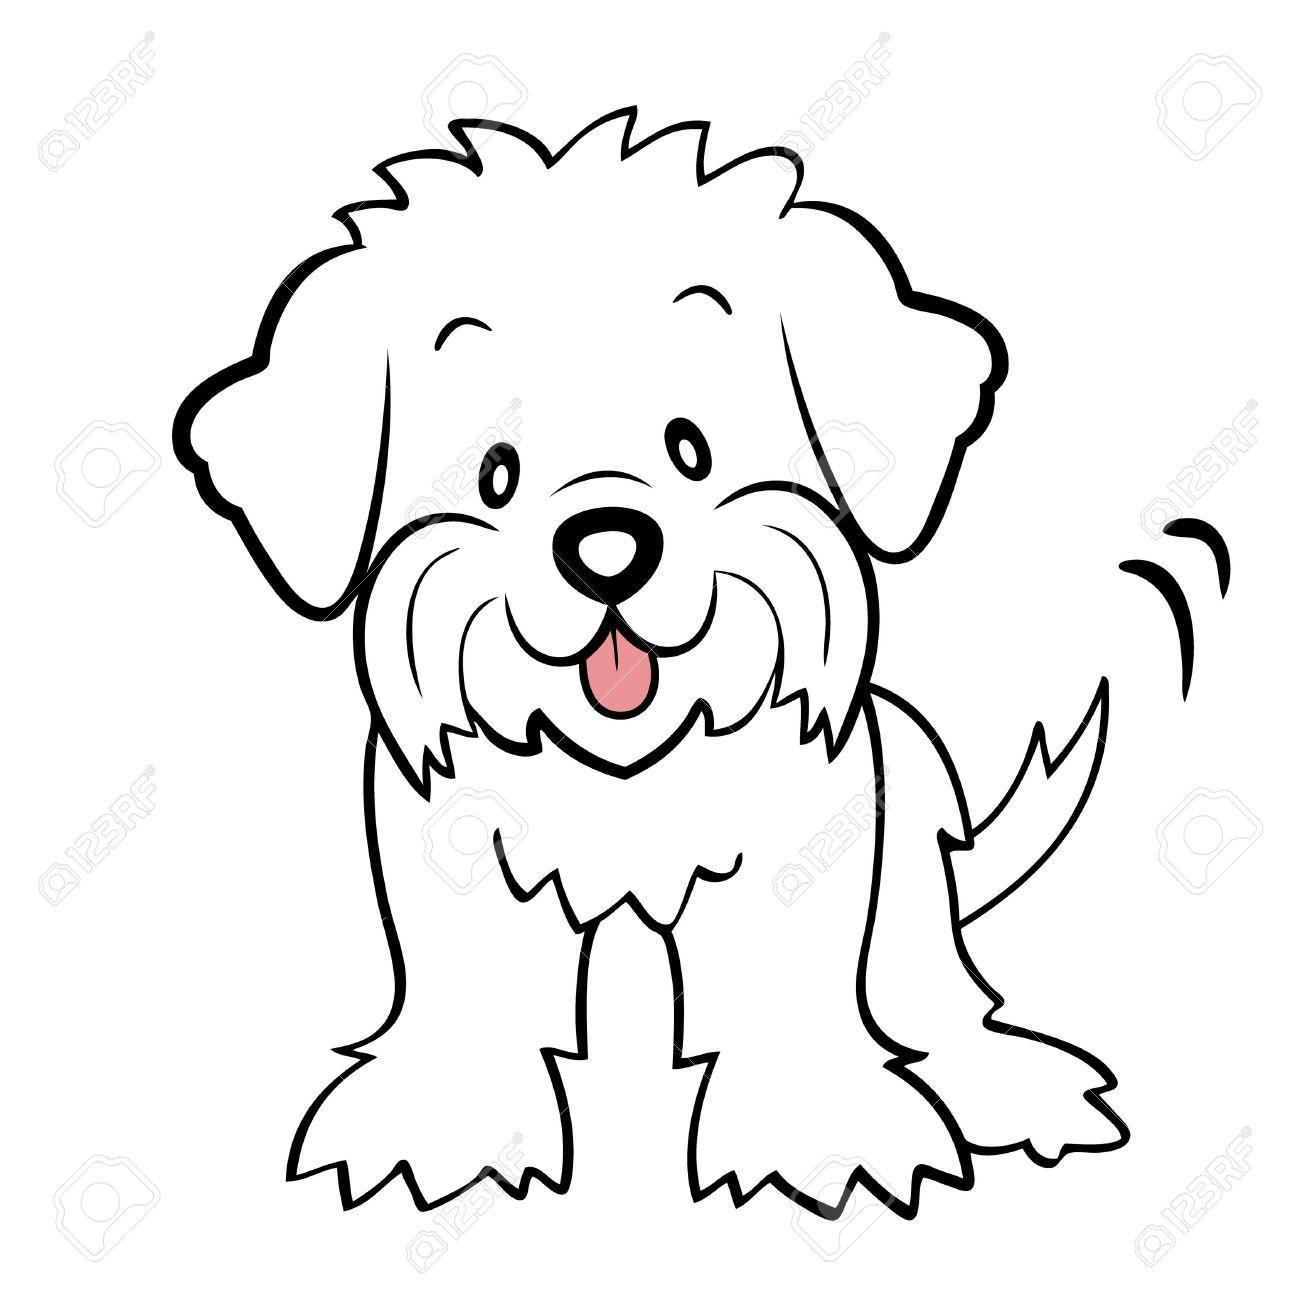 White maltese dog clipart clip art Maltese Dog Clipart | Free download best Maltese Dog Clipart ... clip art